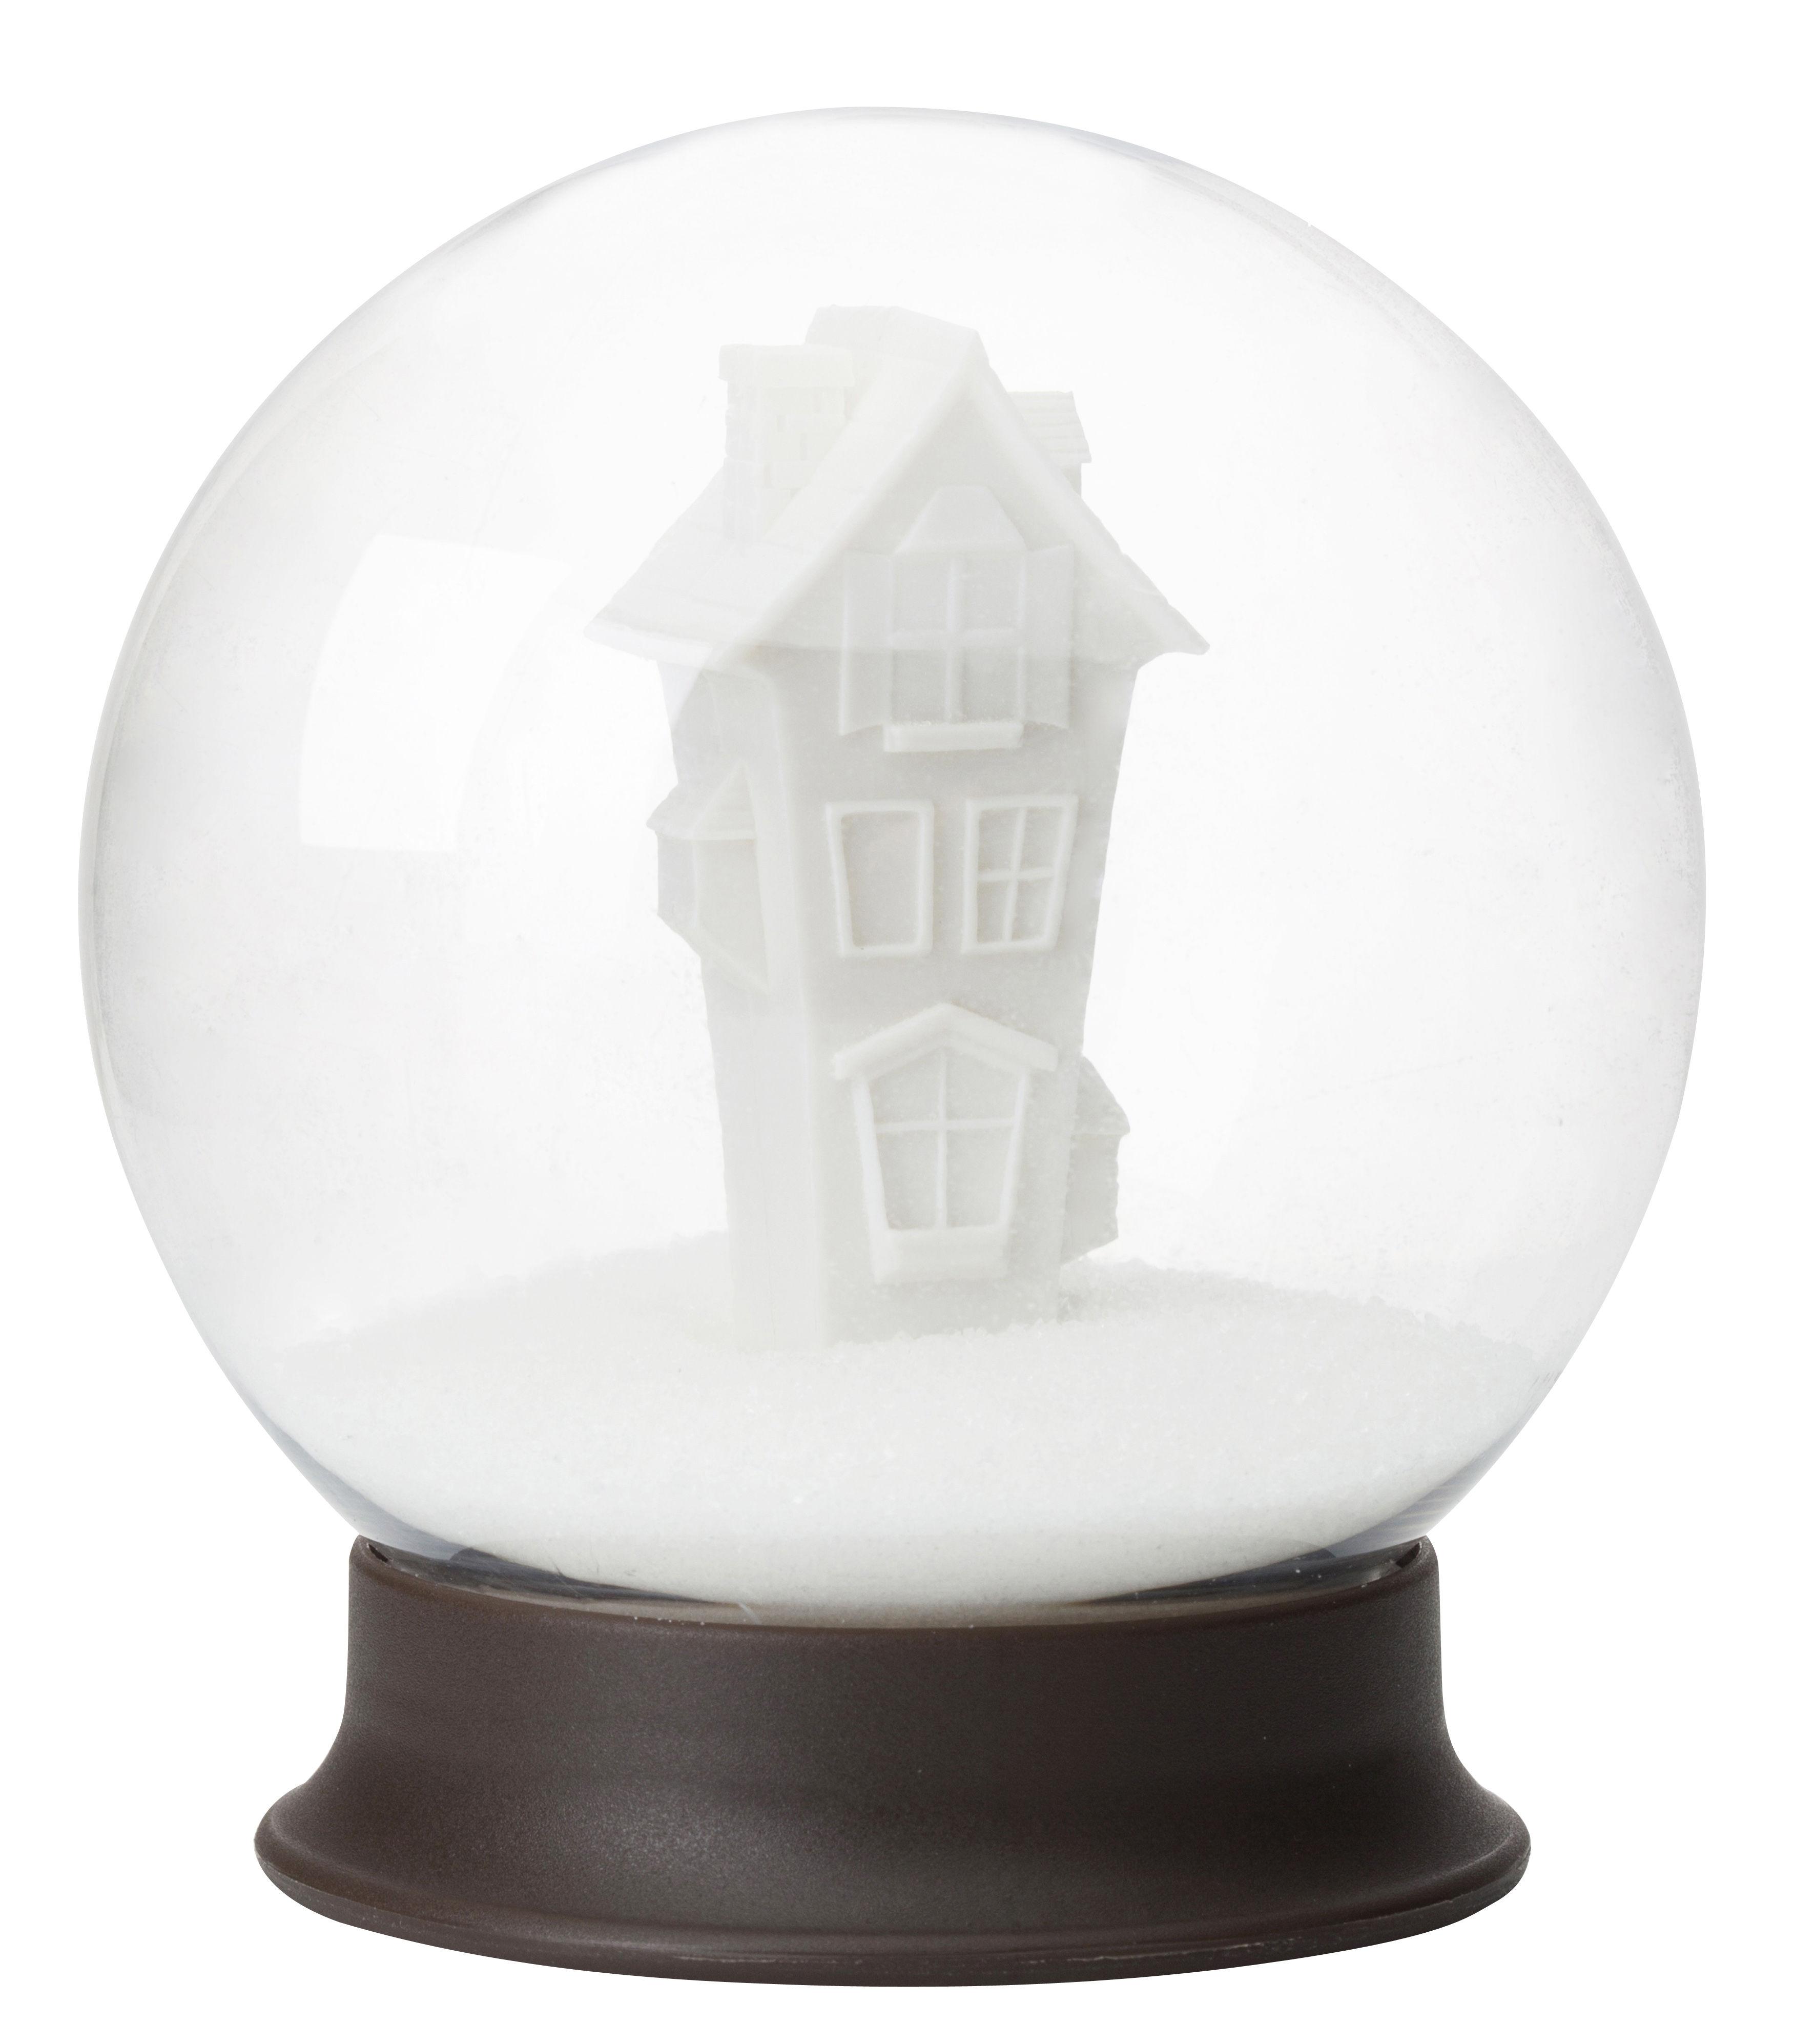 Cucina - Zuccheriere - Zuccheriera Sugar house / Palla di neve - Pa Design - Trasparente / Marrone - Plastica rigida